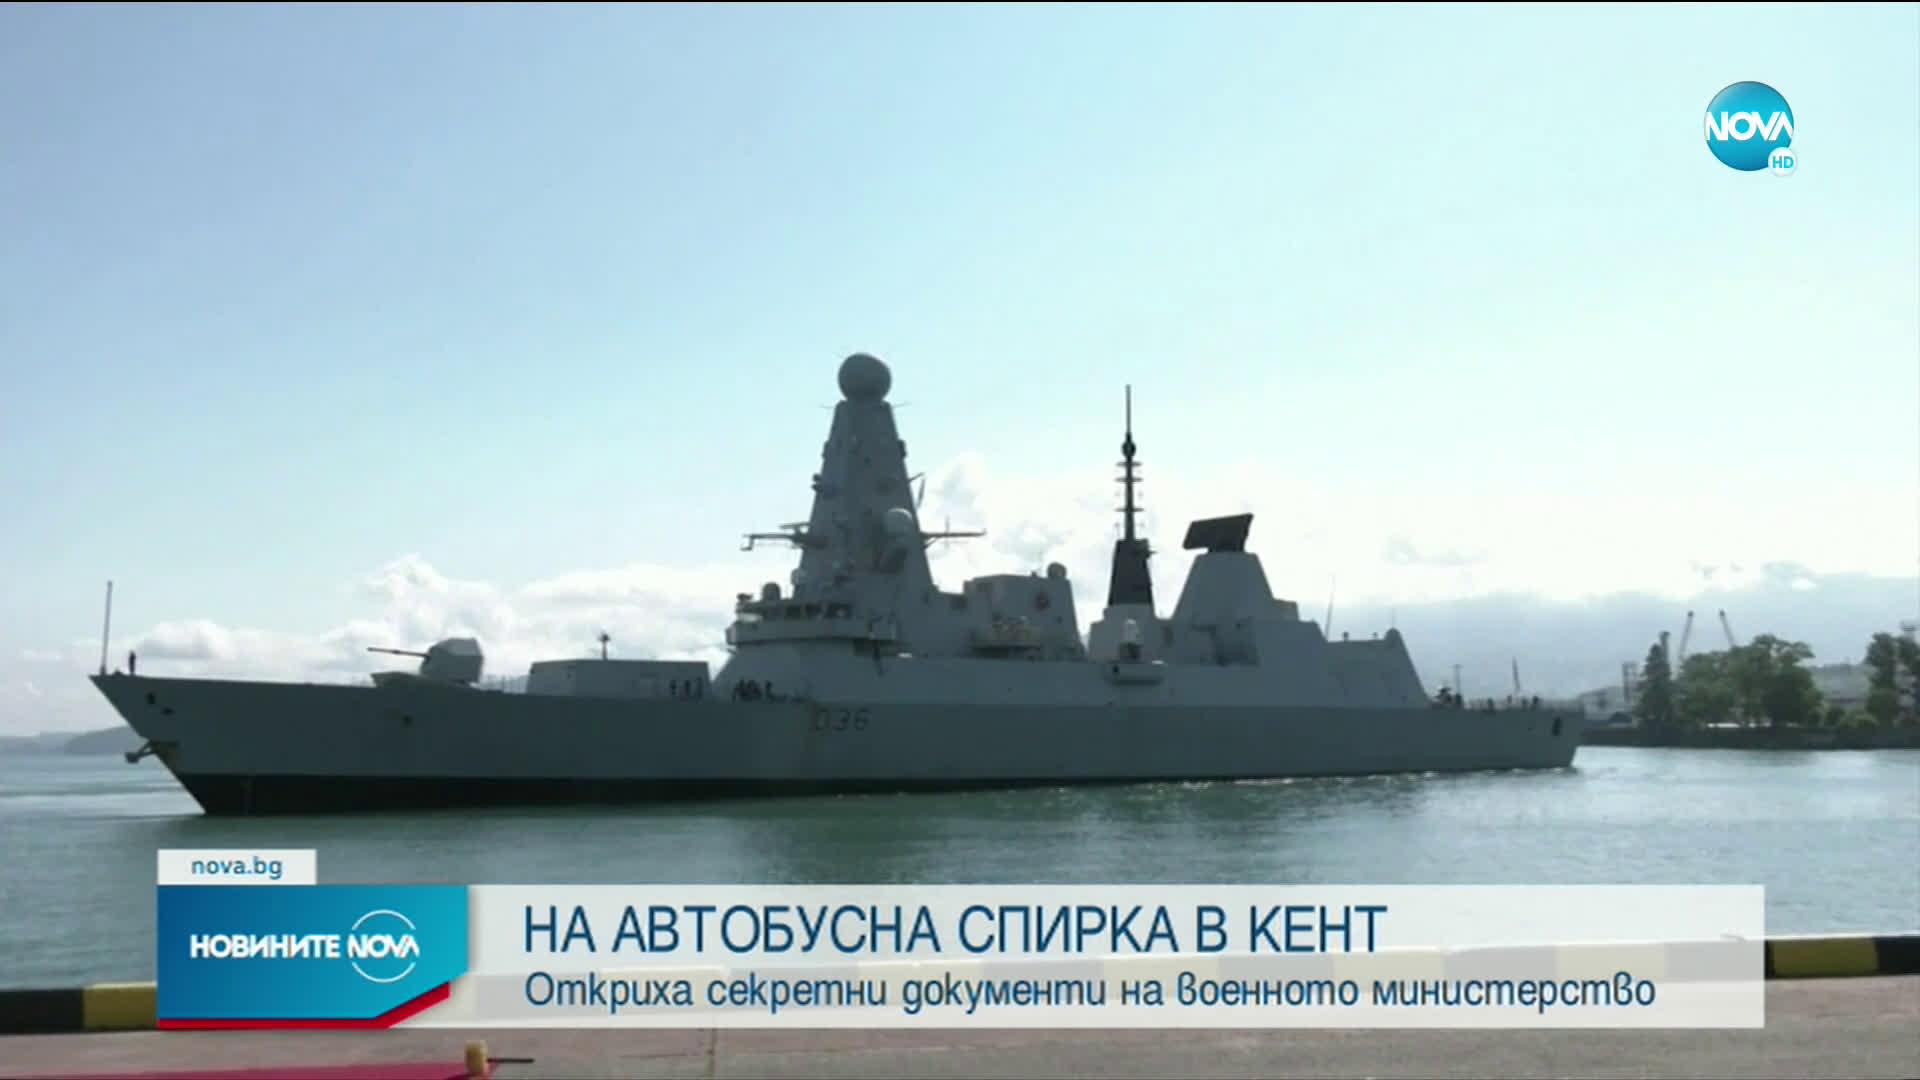 Секретни документи за мисията на британски разрушител в Черно море открити на автобусна спирка